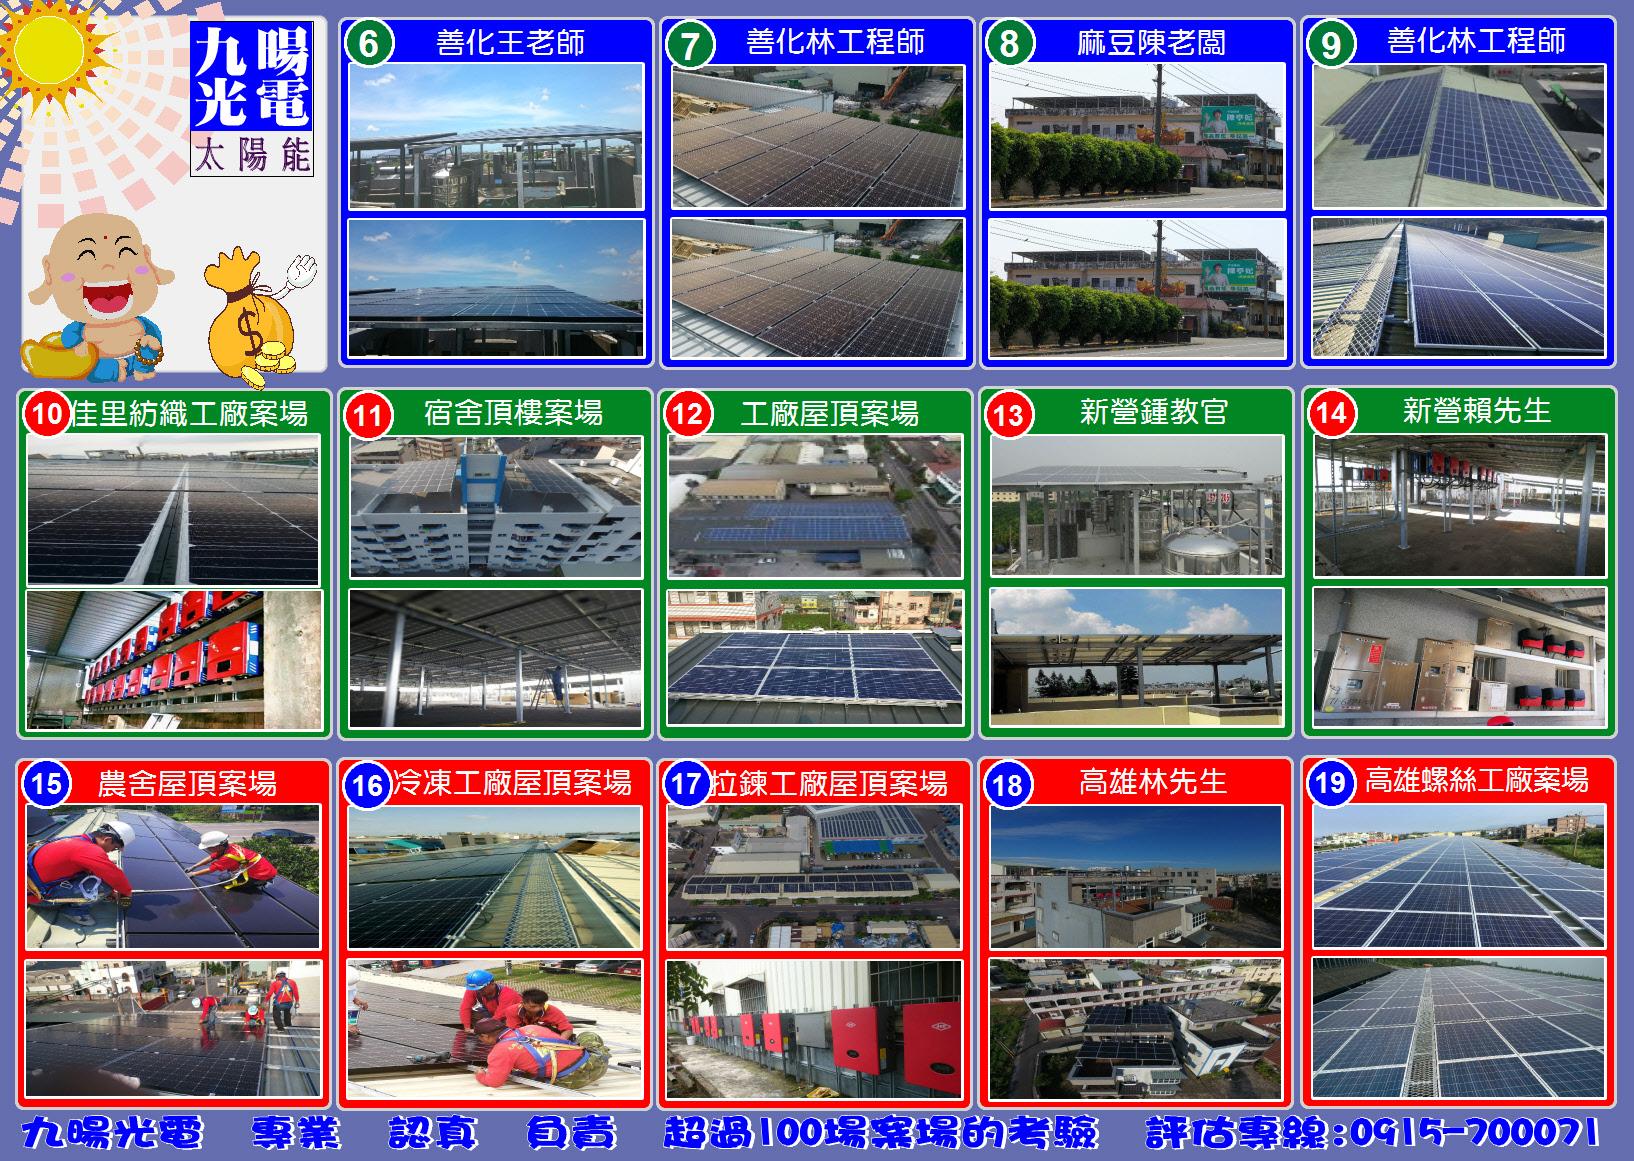 A3公司廣告反面-九暘.JPG